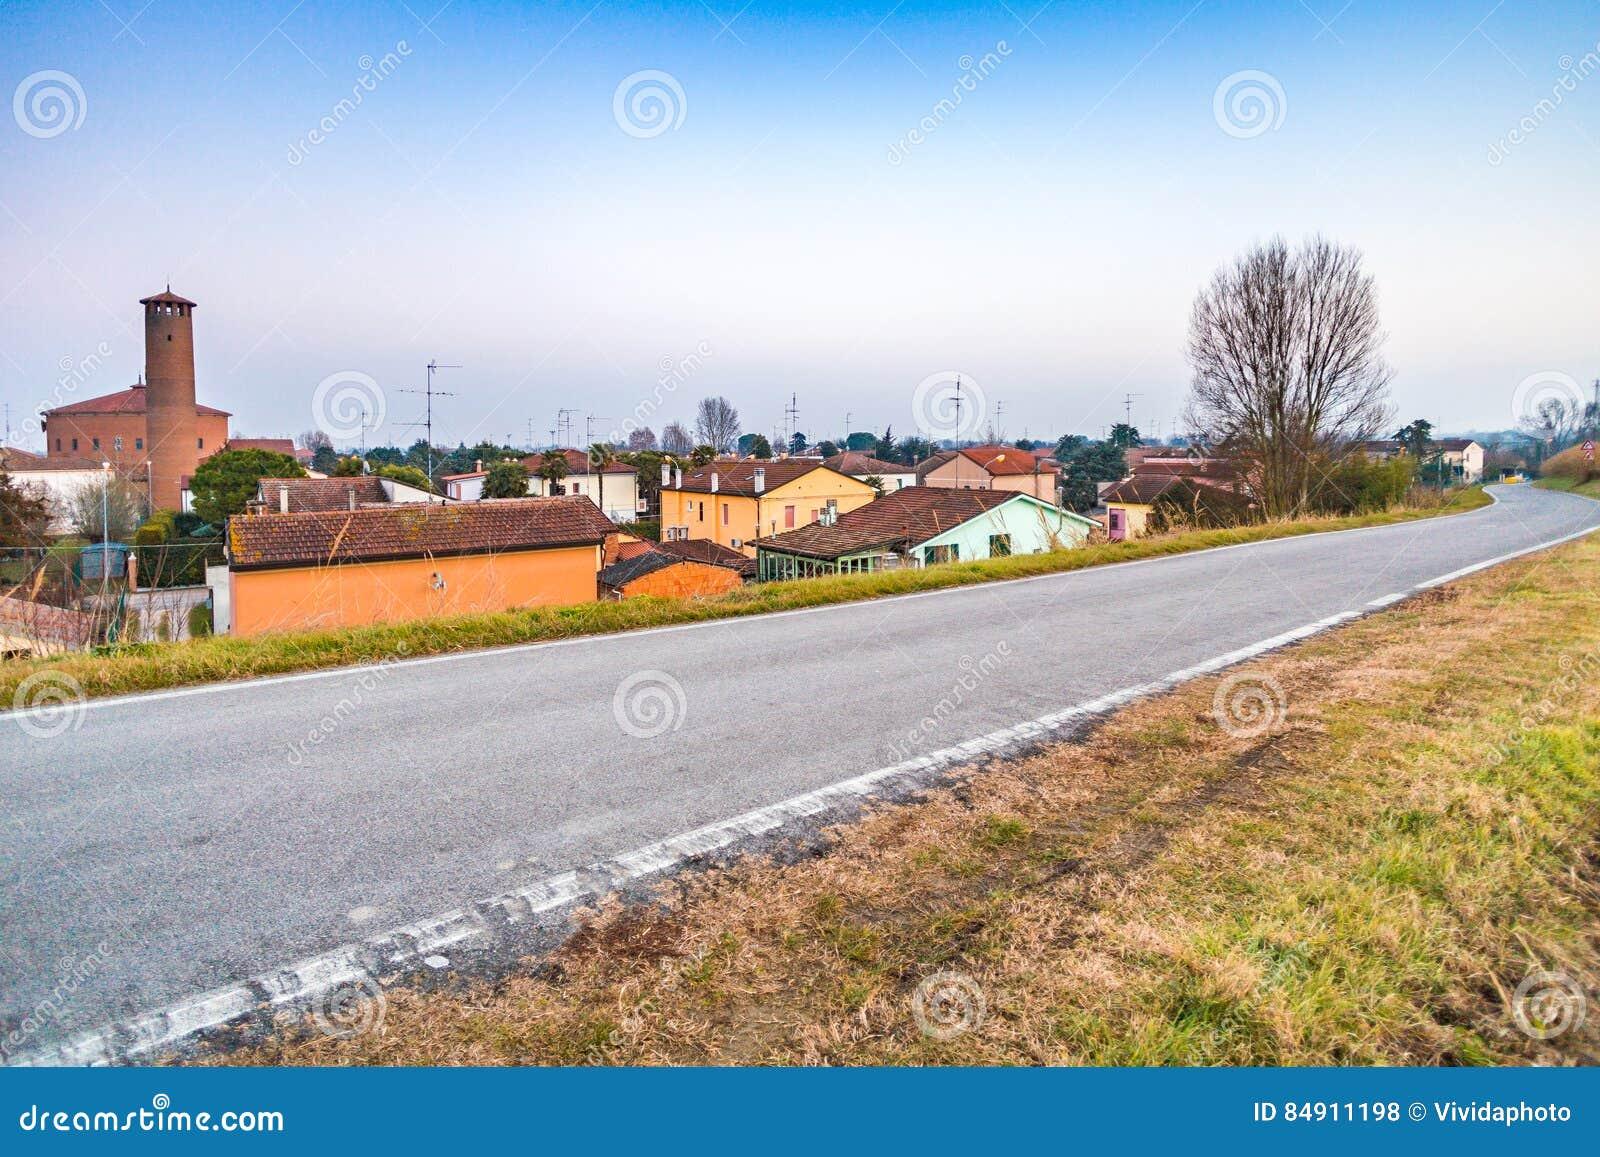 Petit village de pays en Italie